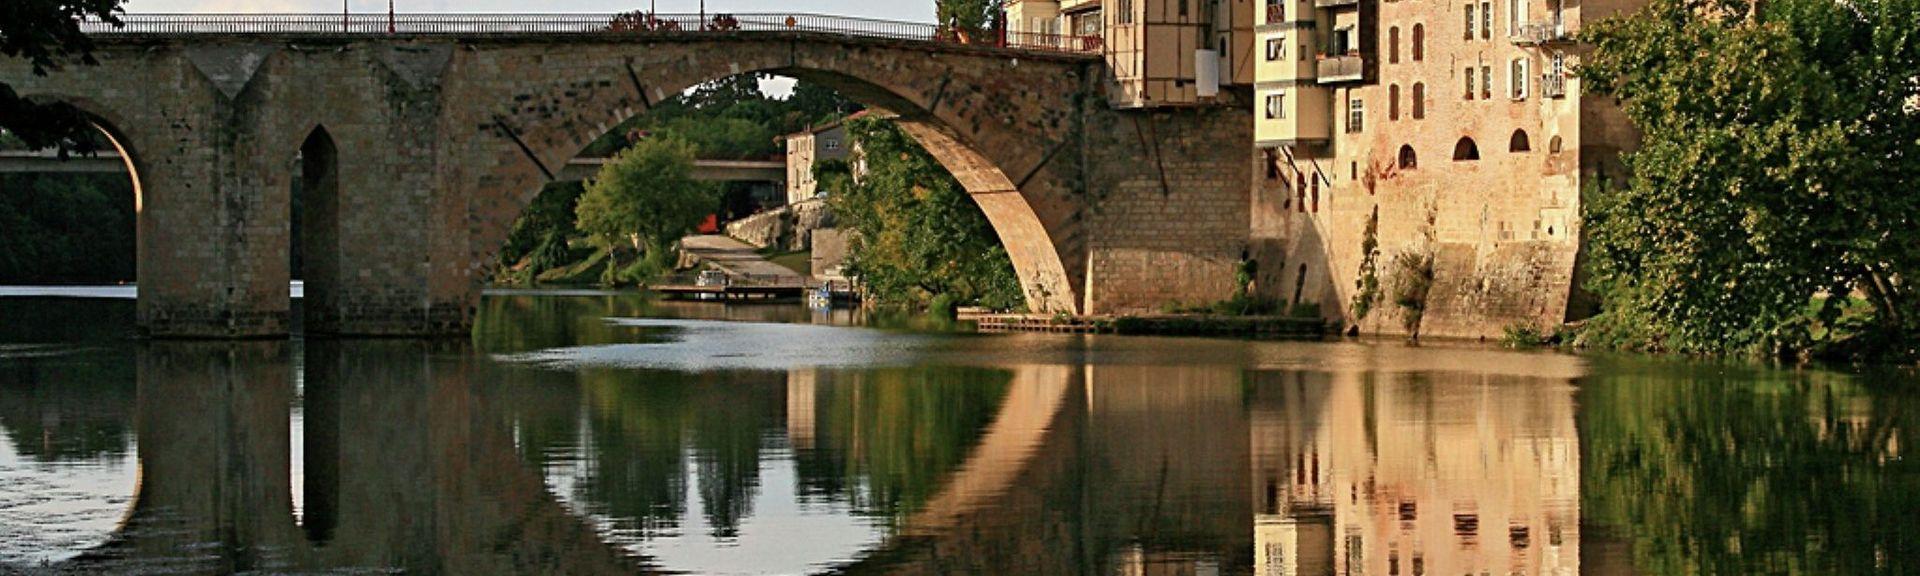 Saint-Sylvestre-sur-Lot, Lot-et-Garonne, France